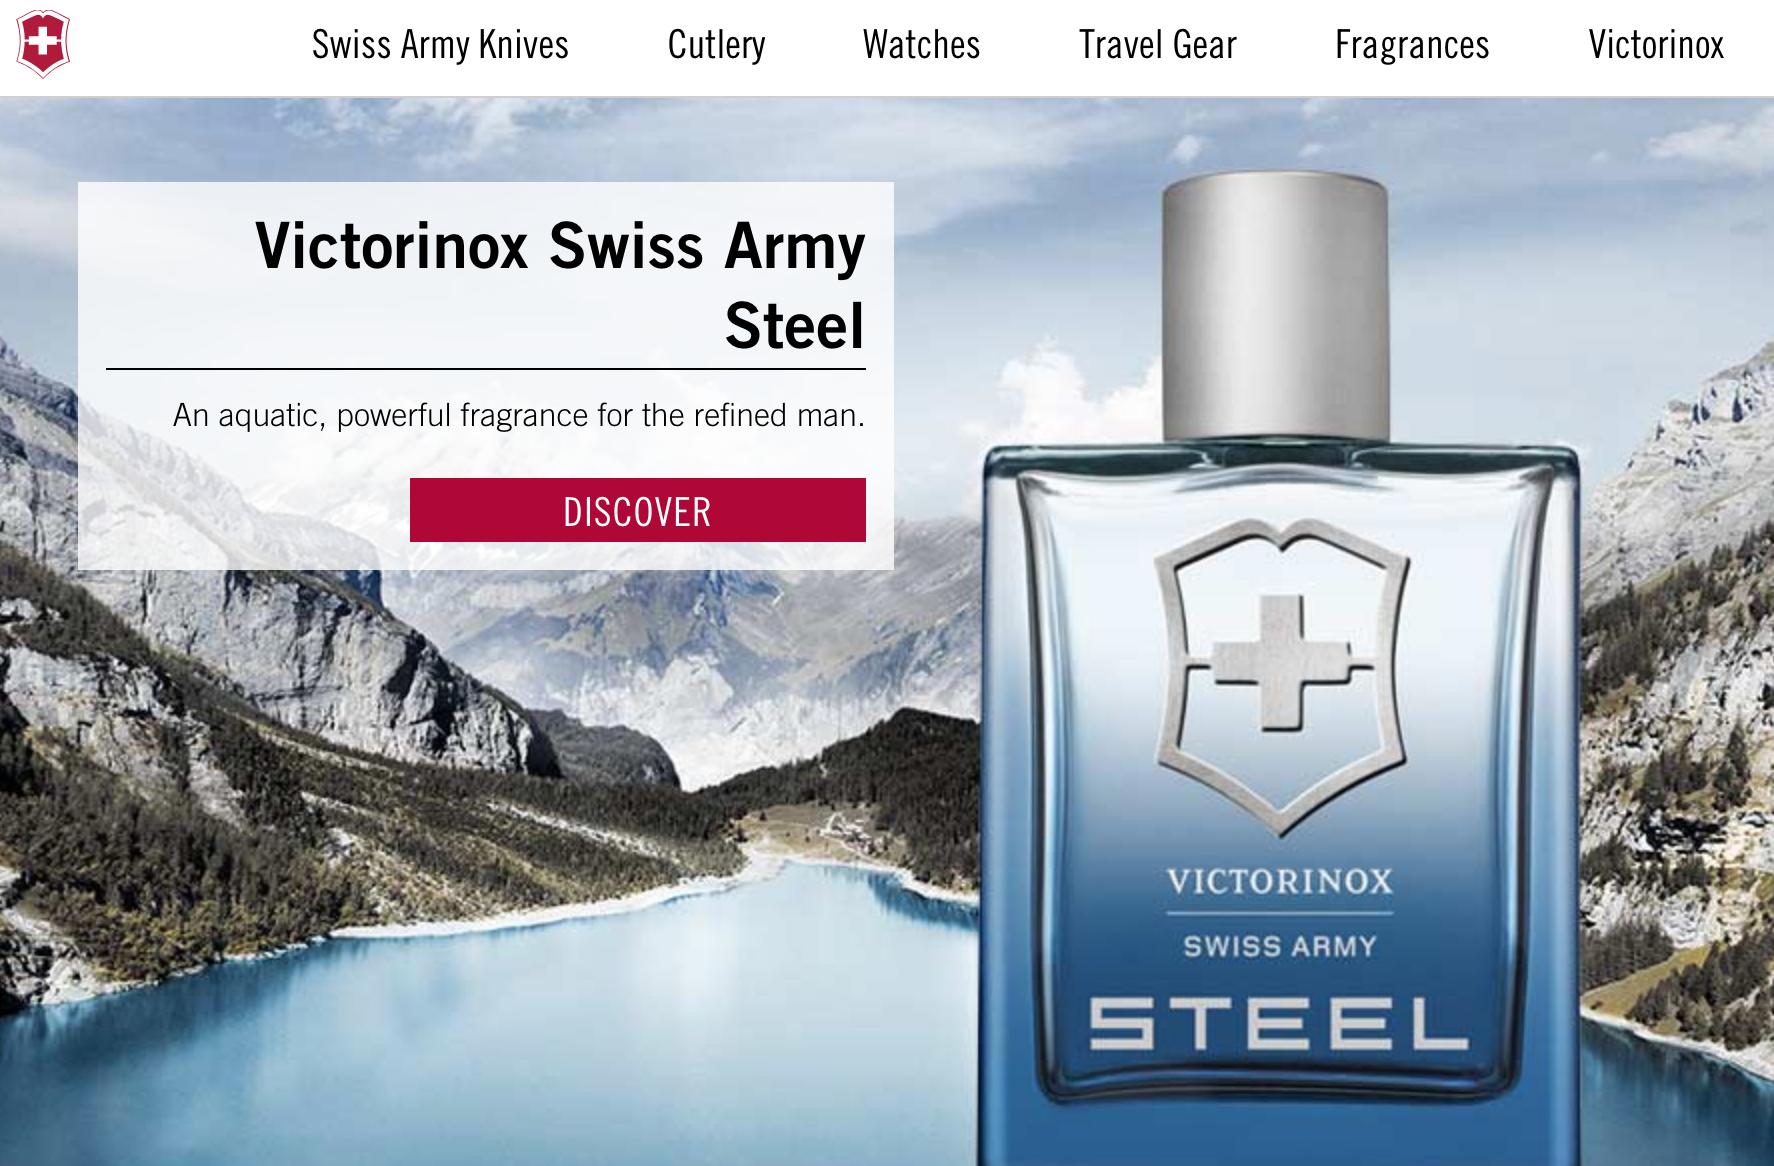 """瑞士军刀品牌 Victorinox 与军方达成和解协议,获准以""""Swiss Army""""的名义销售香水"""